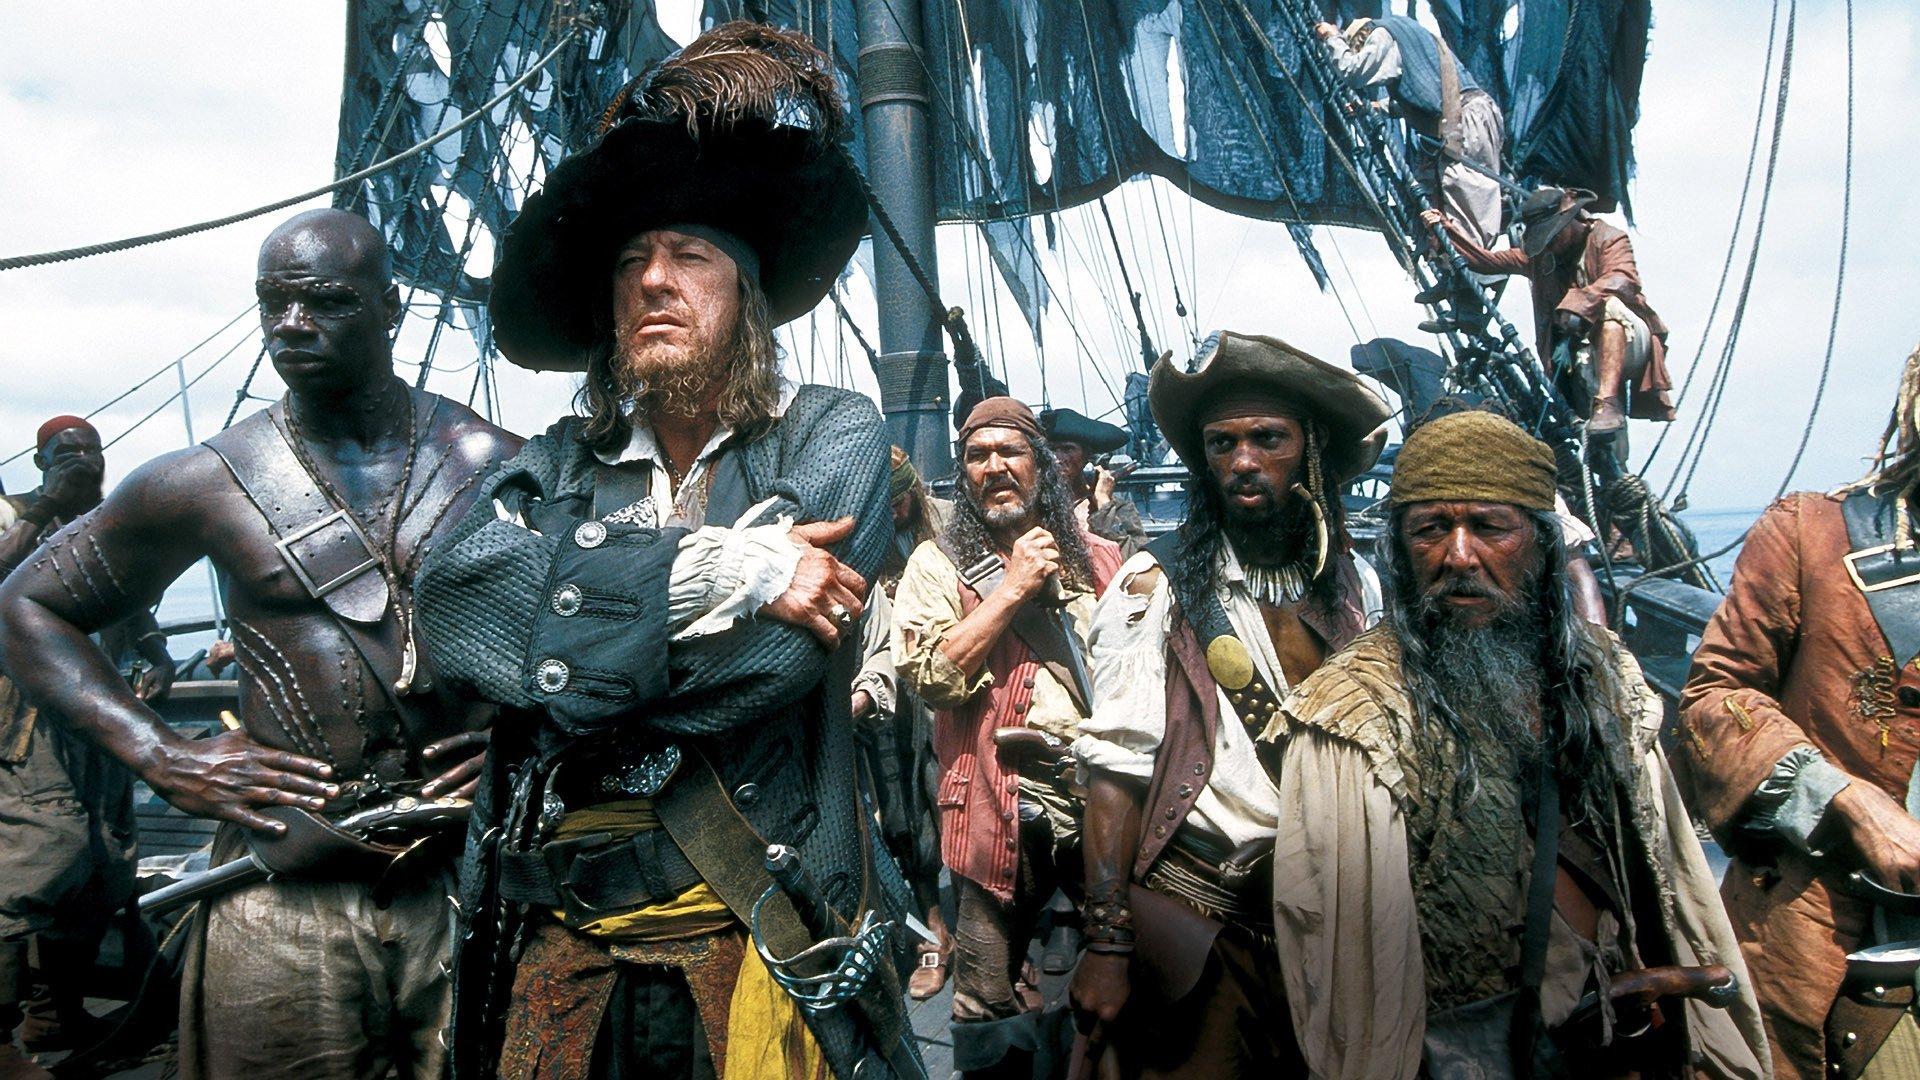 Пираты Карибского моря: Проклятие «Черной жемчужины» смотреть фото